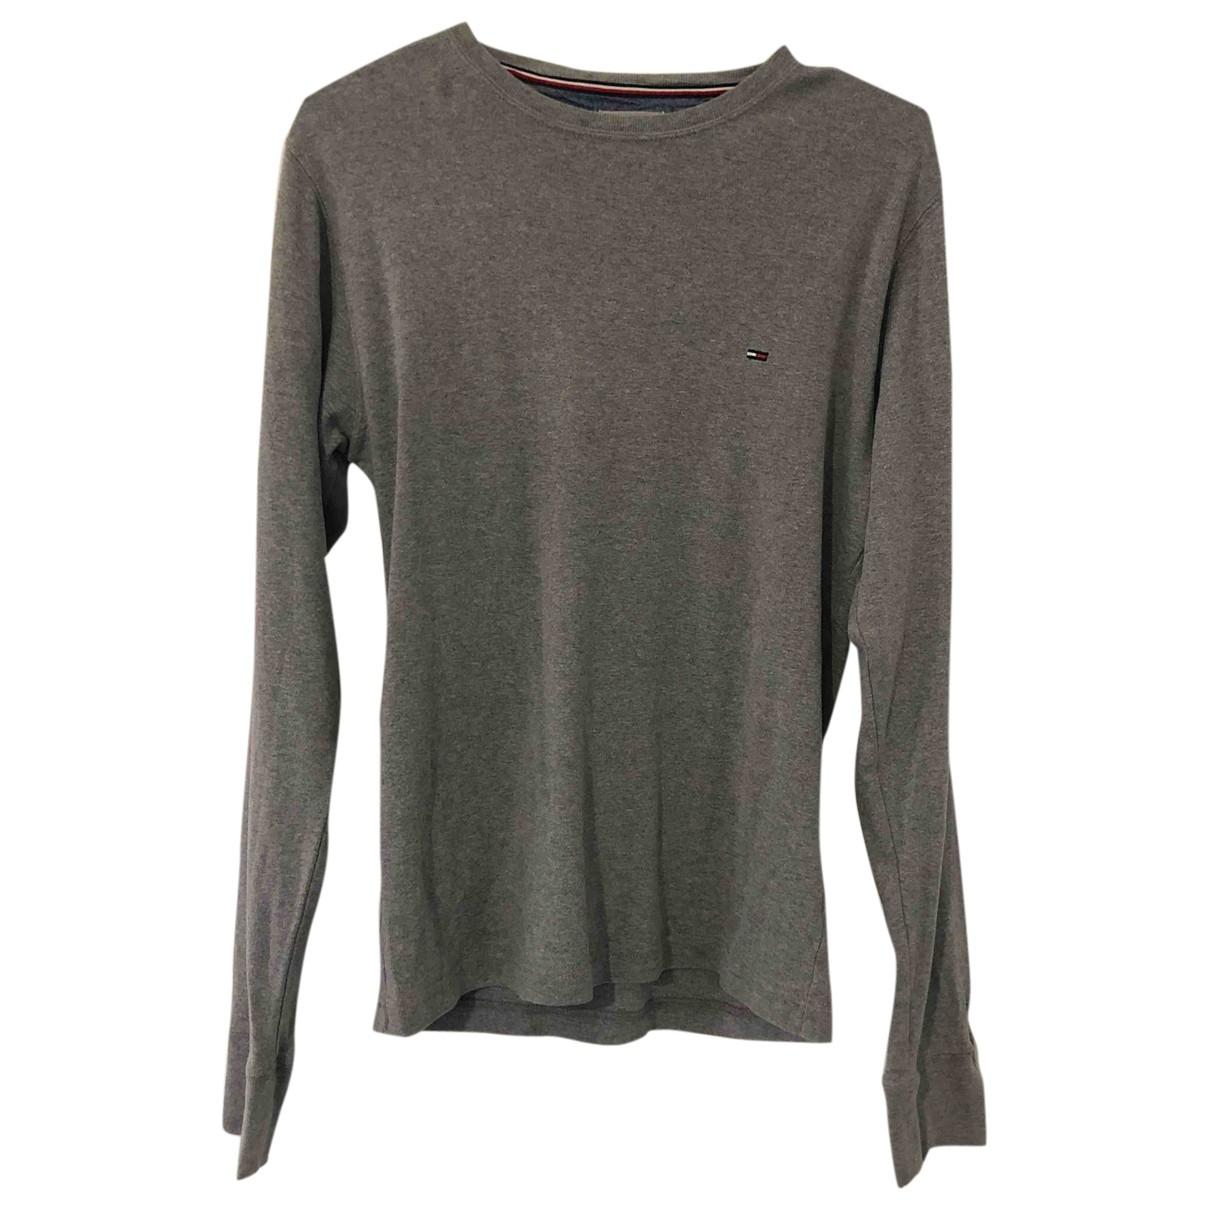 Tommy Hilfiger - Tee shirts   pour homme en coton - gris